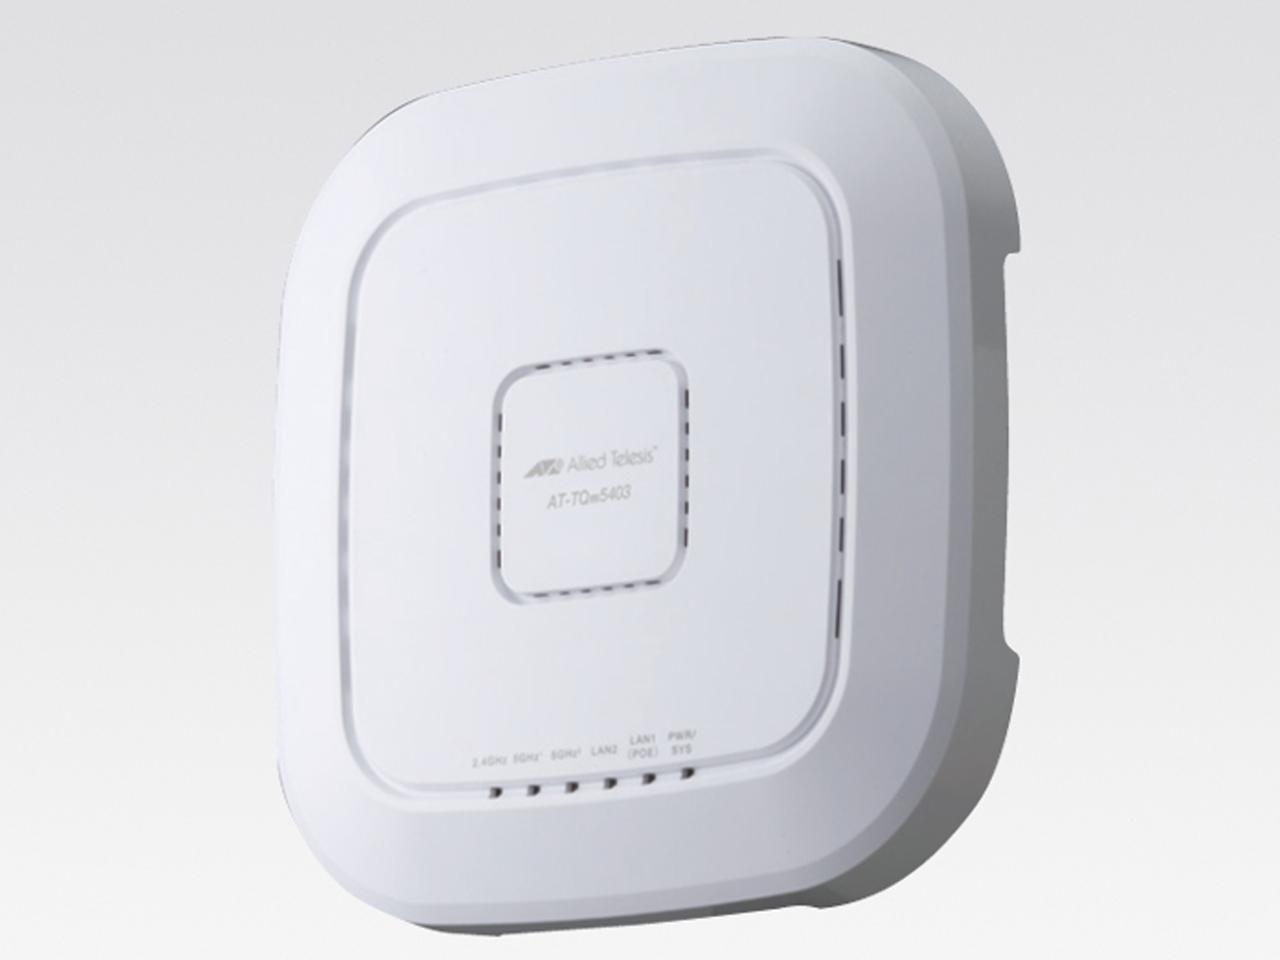 アライドテレシス AT-TQm5403-Z1 [IEEE802.11a/b/g/n/ac対応 無線LANアクセスポイント、10/100/1000BASE-Tx1、10/100/1000BASE-T(PoE-IN)x1(デリバリースタンダード保守1年付)](3910RZ1)【smtb-s】